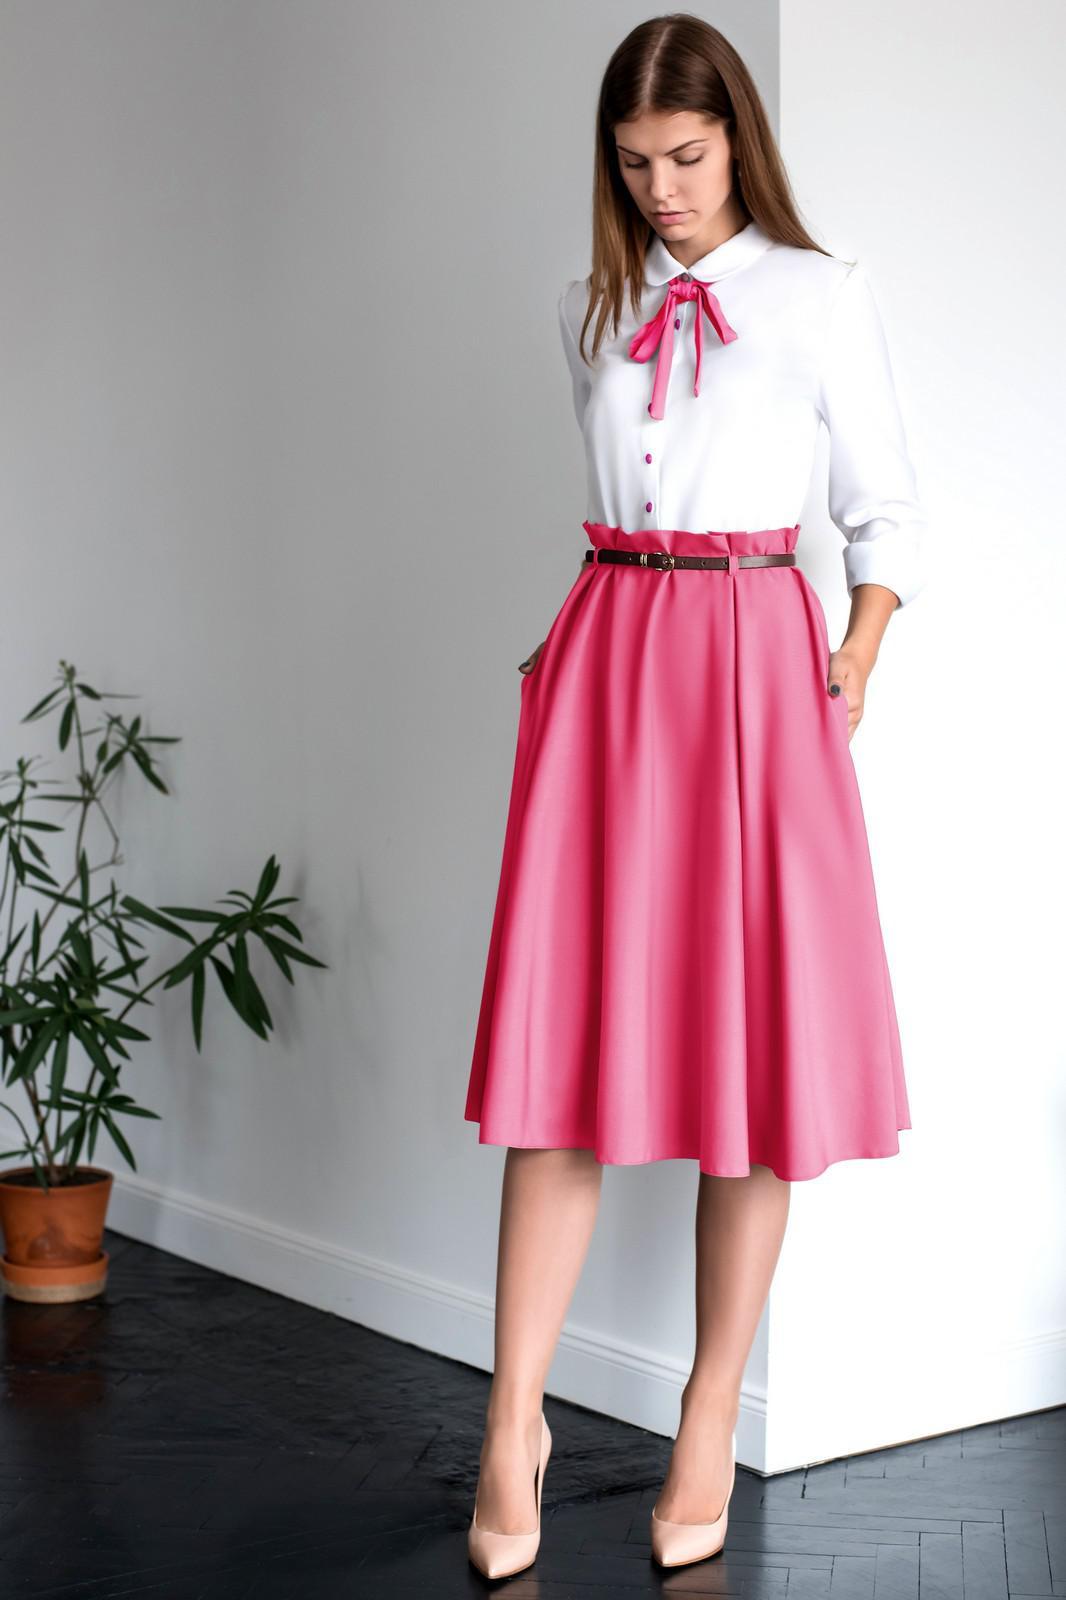 Купить Платье Юрс, 17-751-6 ягодный, Беларусь